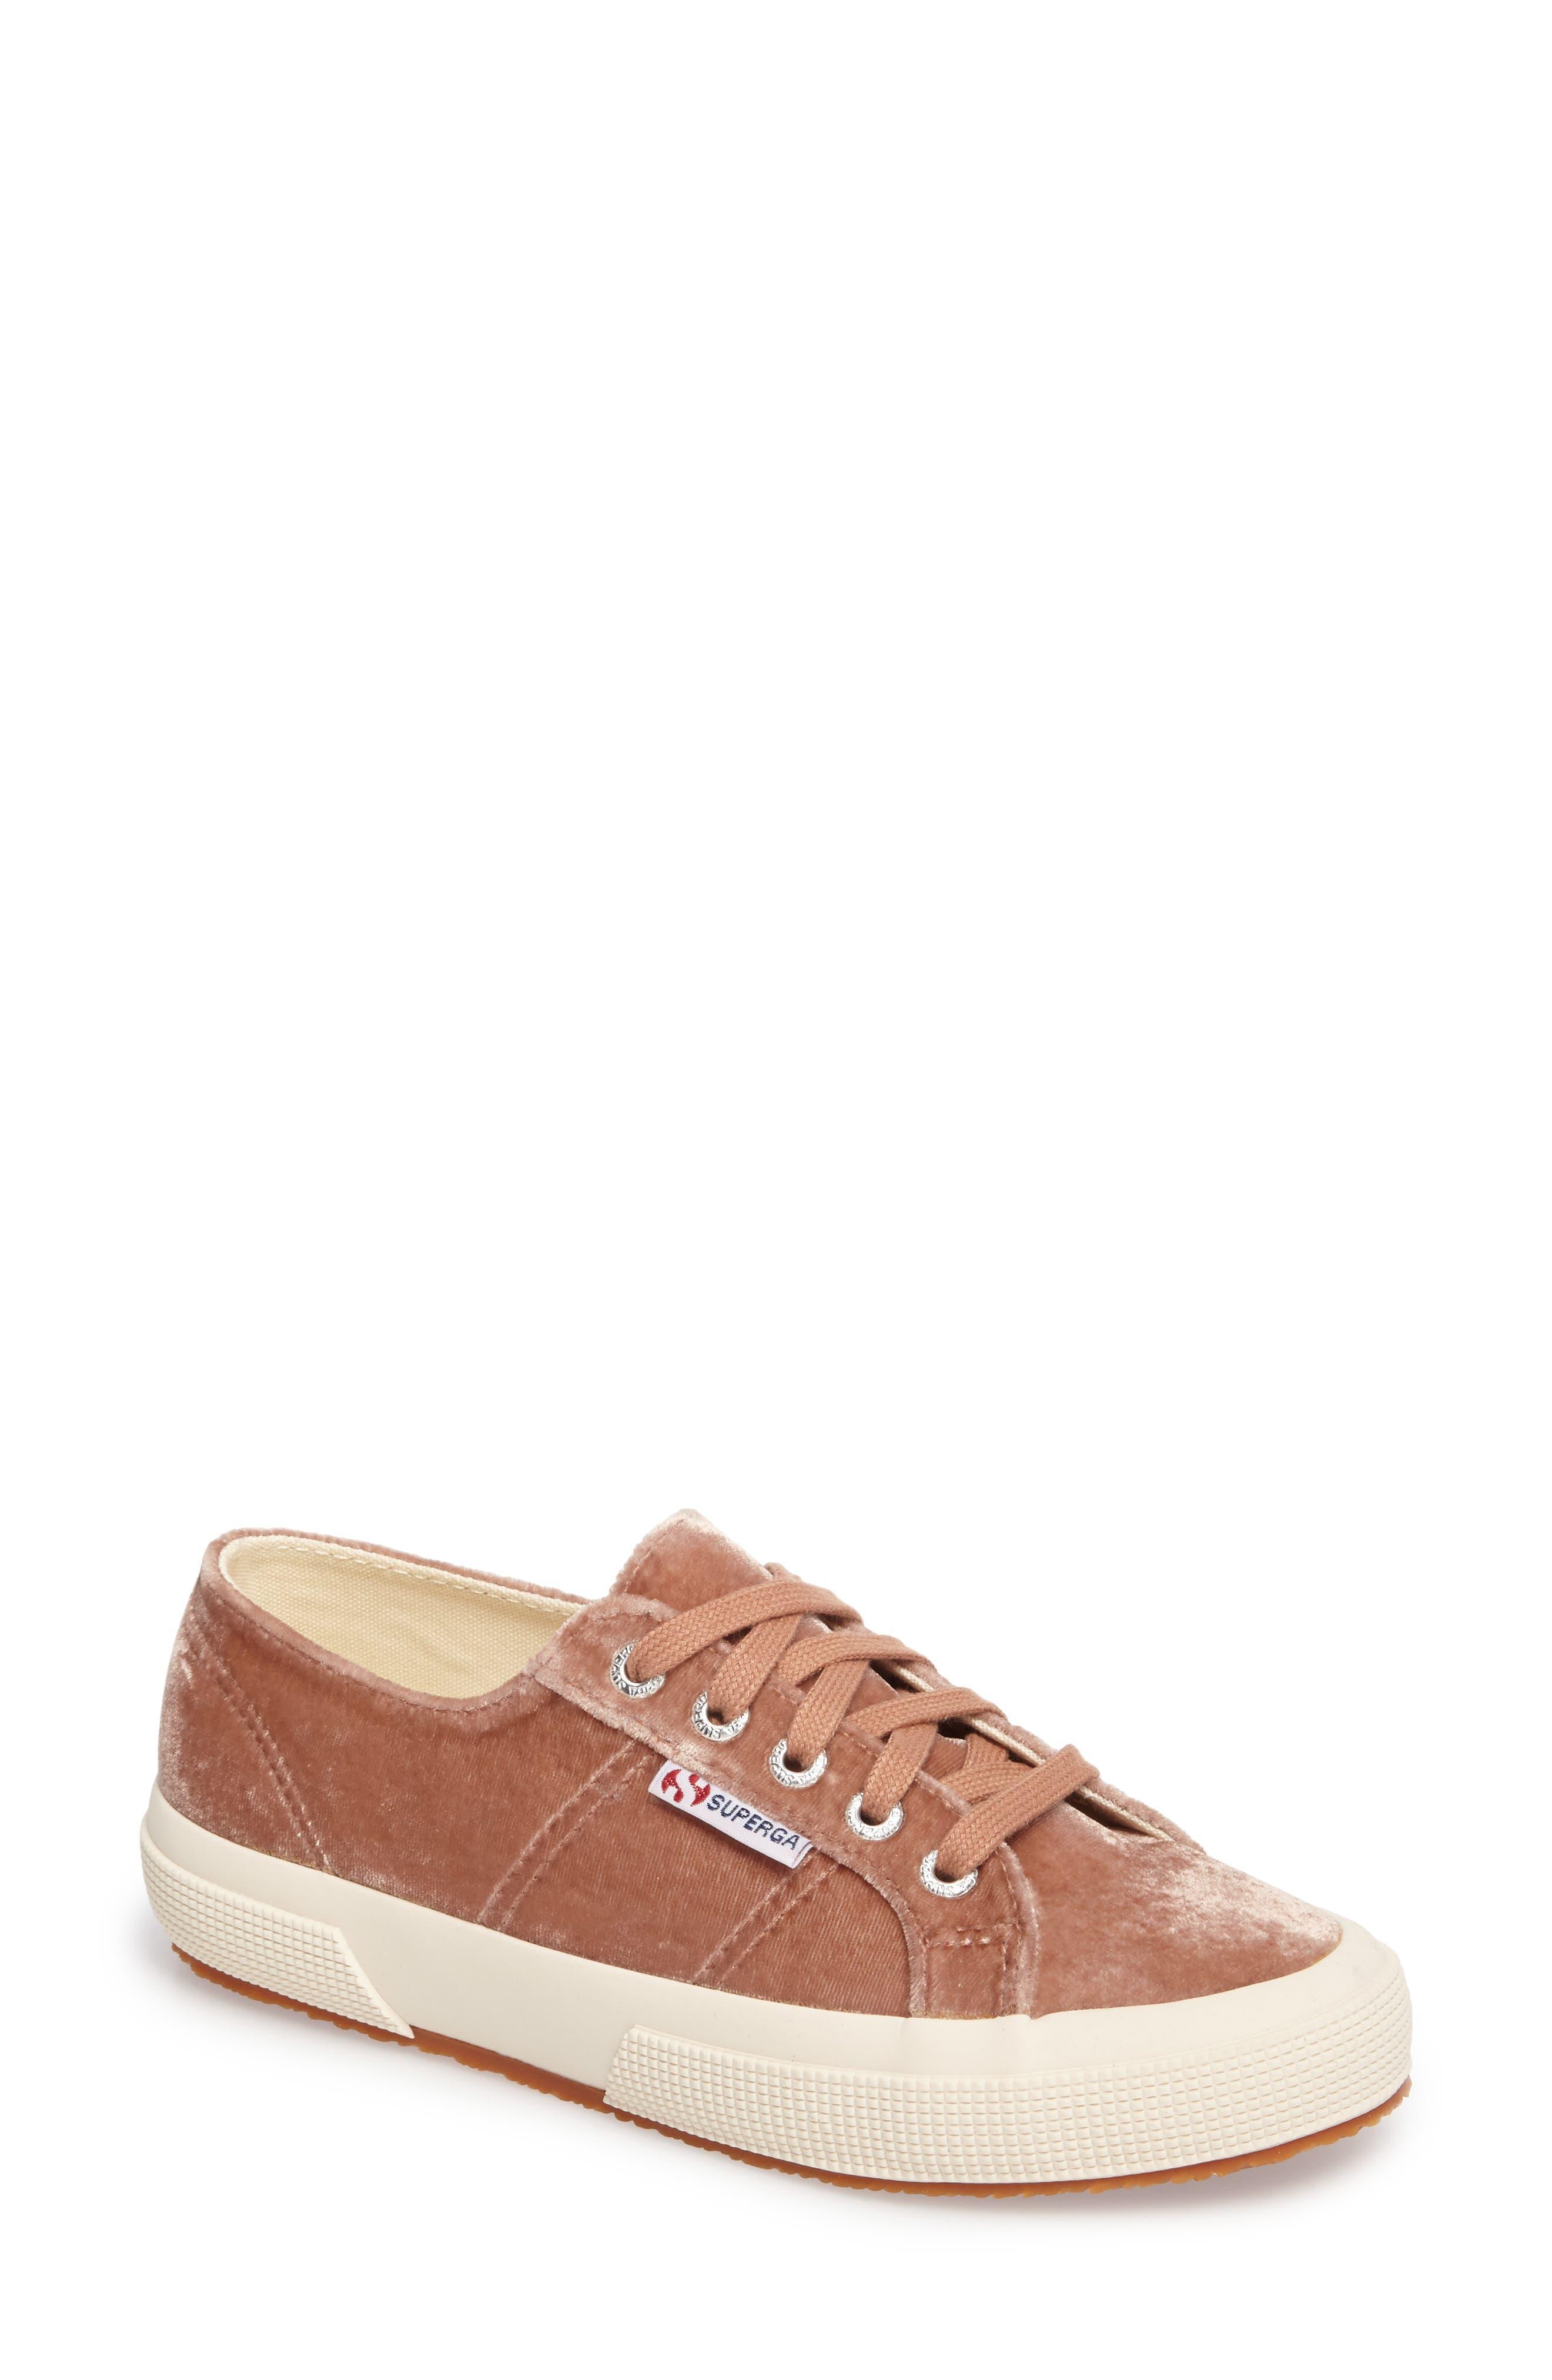 Cotu Classic Sneaker,                         Main,                         color, 650